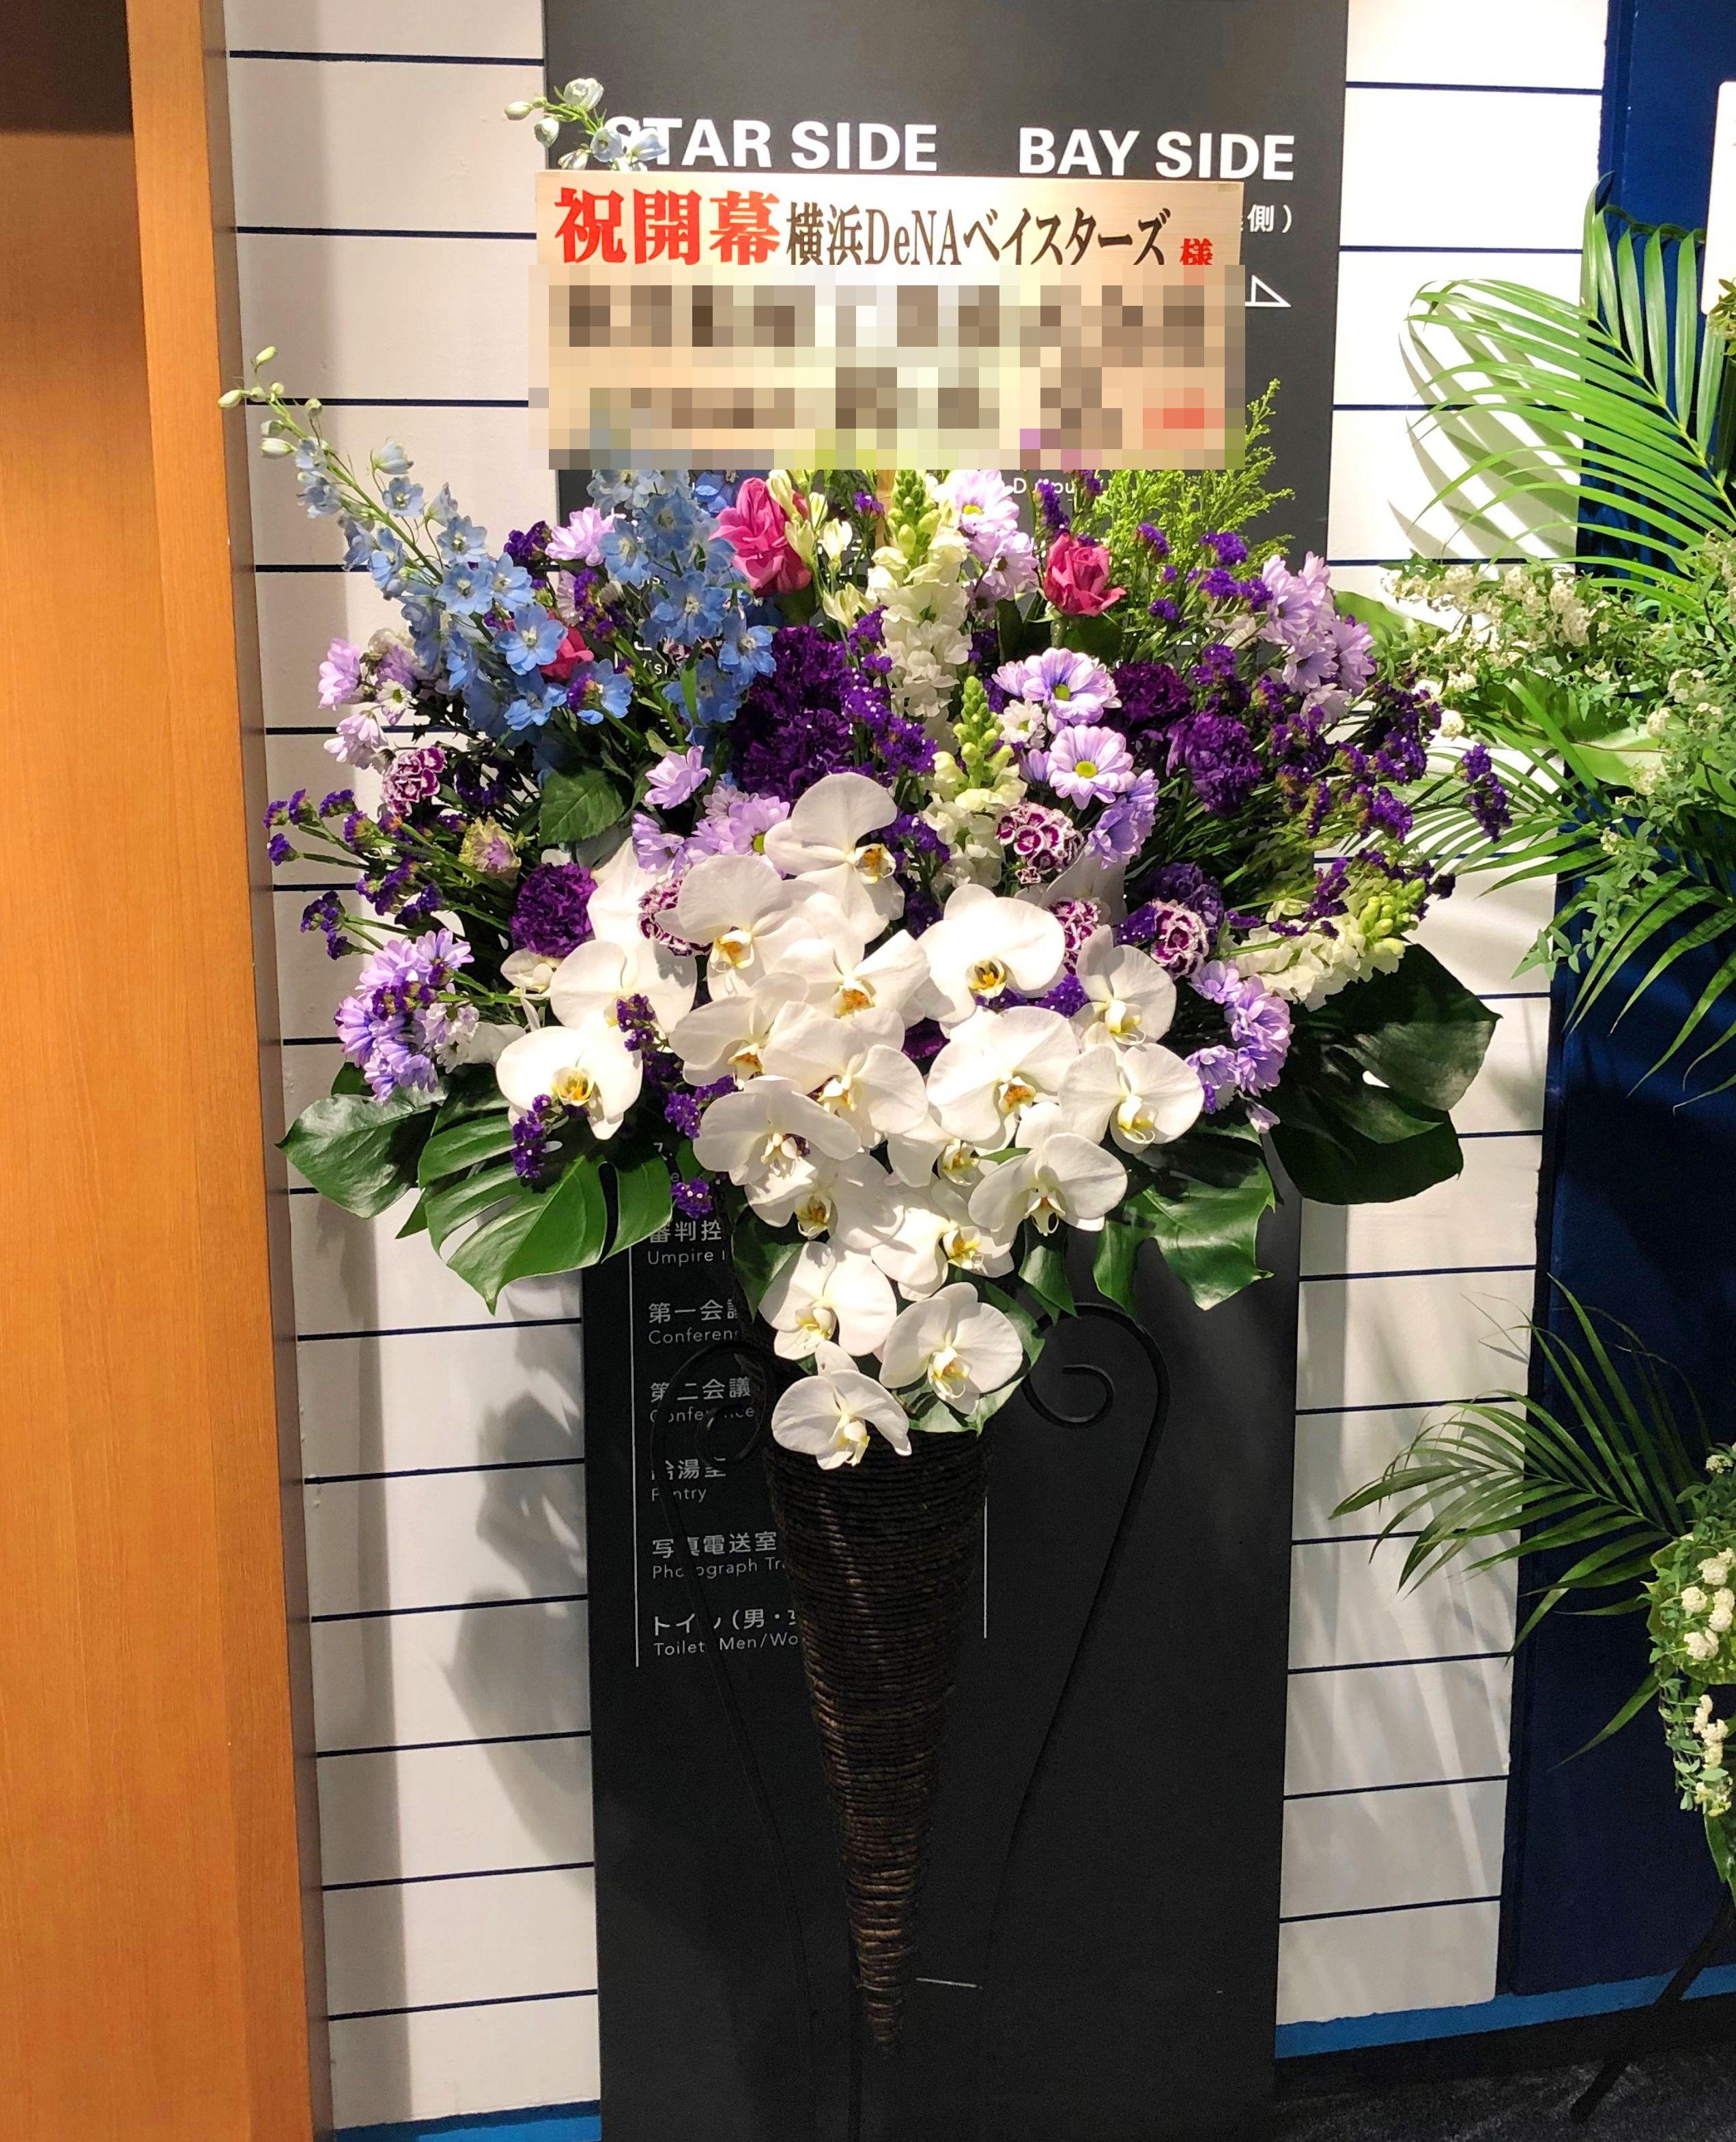 横浜スタジアムへスタンド花を配達しました!【横浜花屋の花束・スタンド花・胡蝶蘭・バルーン・アレンジメント配達事例312】